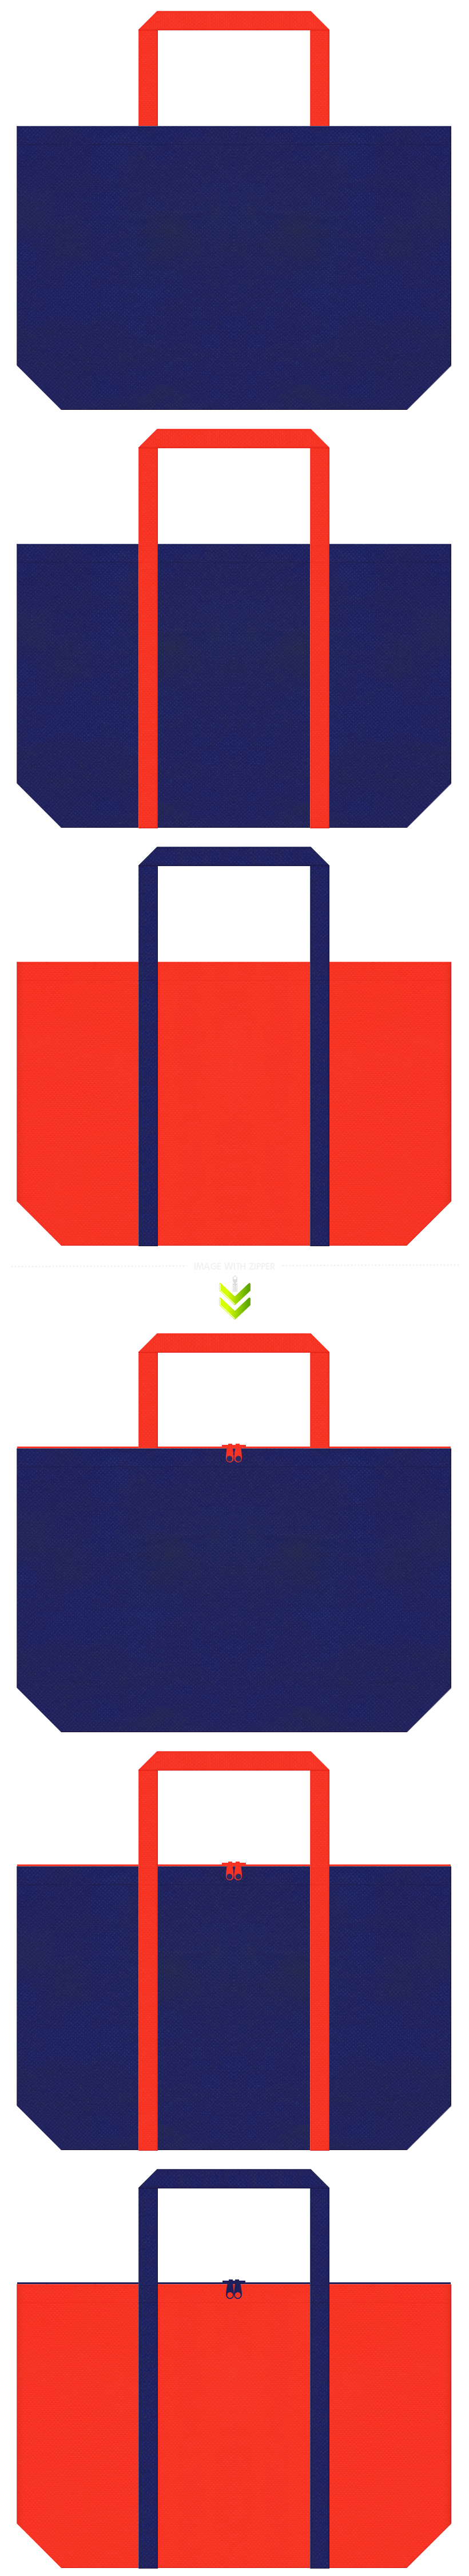 明るい紺色とオレンジ色の不織布エコバッグのデザイン。